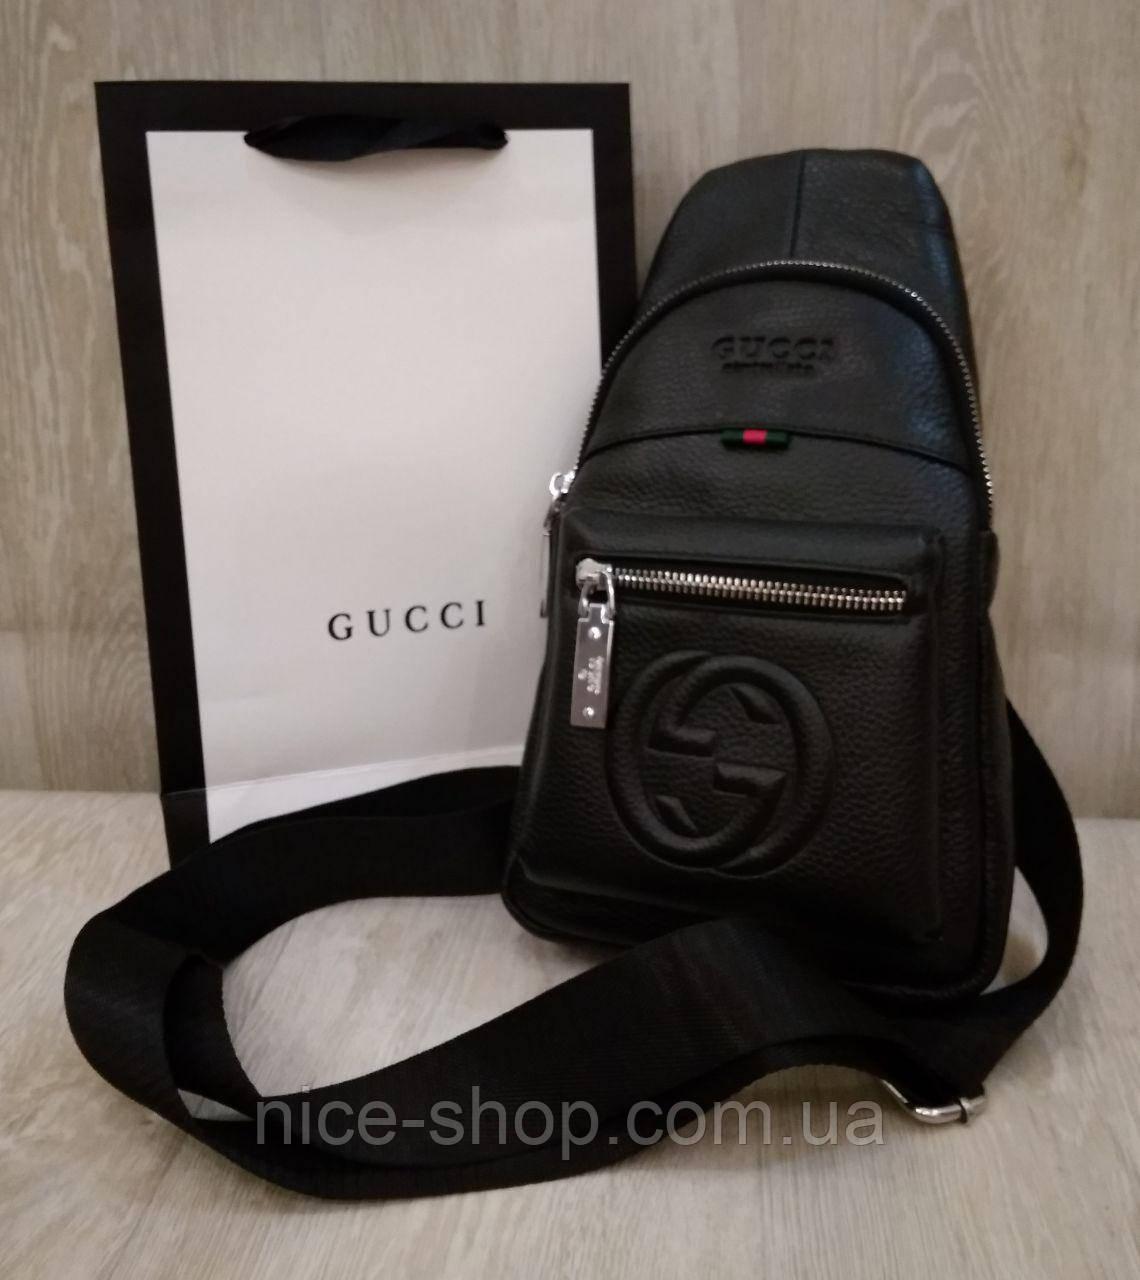 Сумка слинг Gucci, кросс-боди, натуральная кожа